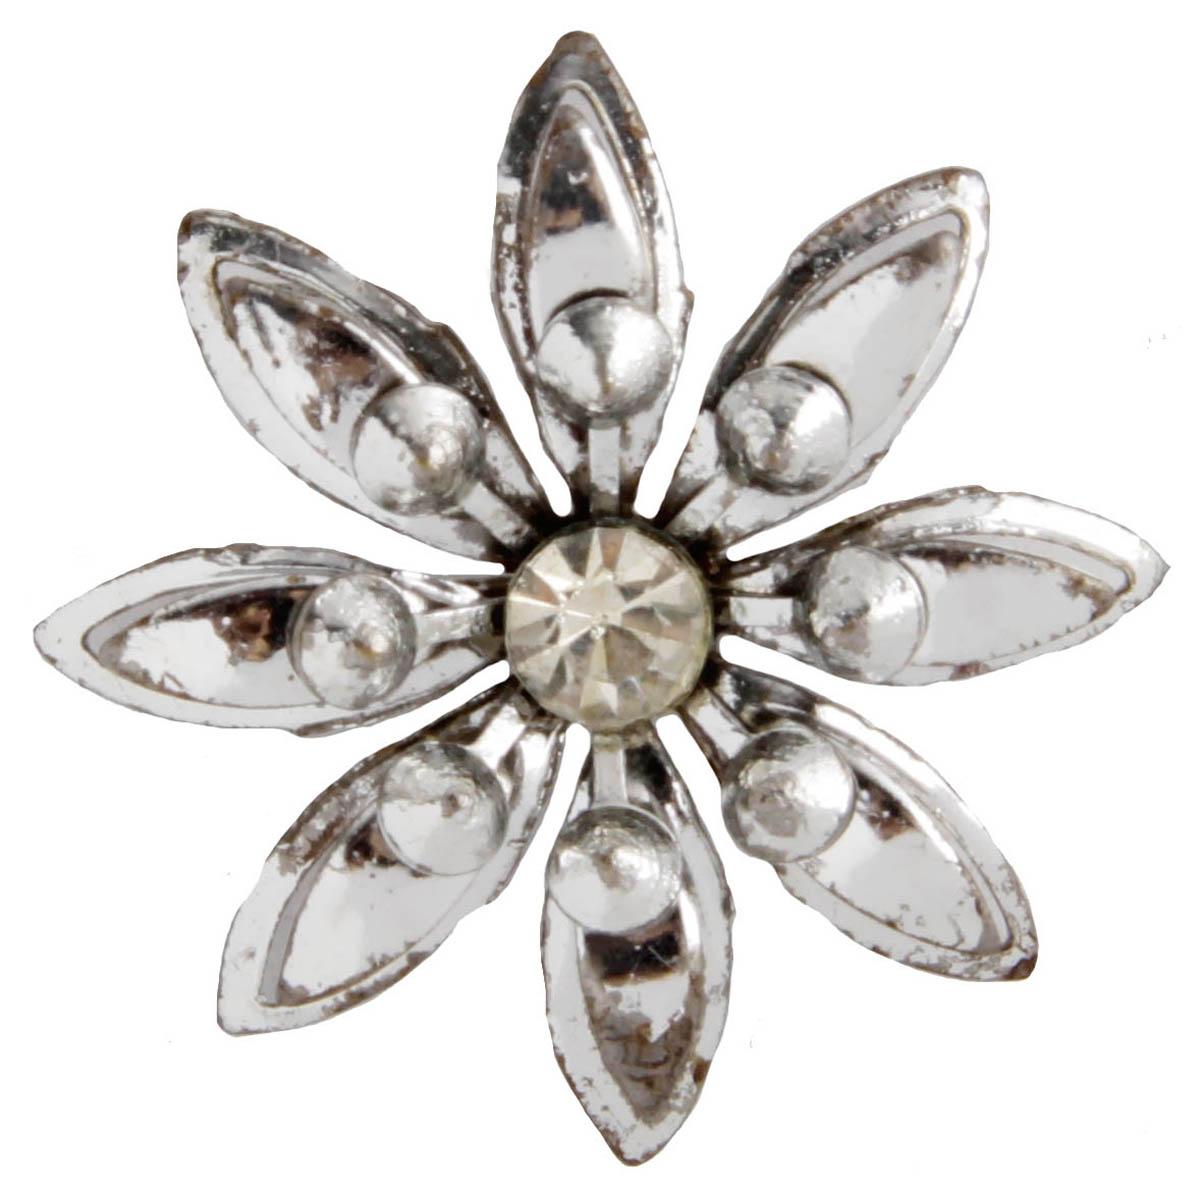 Брошь Цветок. Бижутерный сплав, австрийские кристаллы. Франция, конец XX векаОС28500Брошь Цветок. Бижутерный сплав, австрийские кристаллы. Франция, конец ХХ века. Размер 3 х 3 см. Сохранность хорошая. Предмет не был в использовании. Филигранная винтажная брошь выполнена из бижутерного сплава серебристого тона. Очаровательная, притягивающая взгляды брошь. Снабжена удобной и надежной застежкой. Брошь - отличное дополнение вашего наряда.